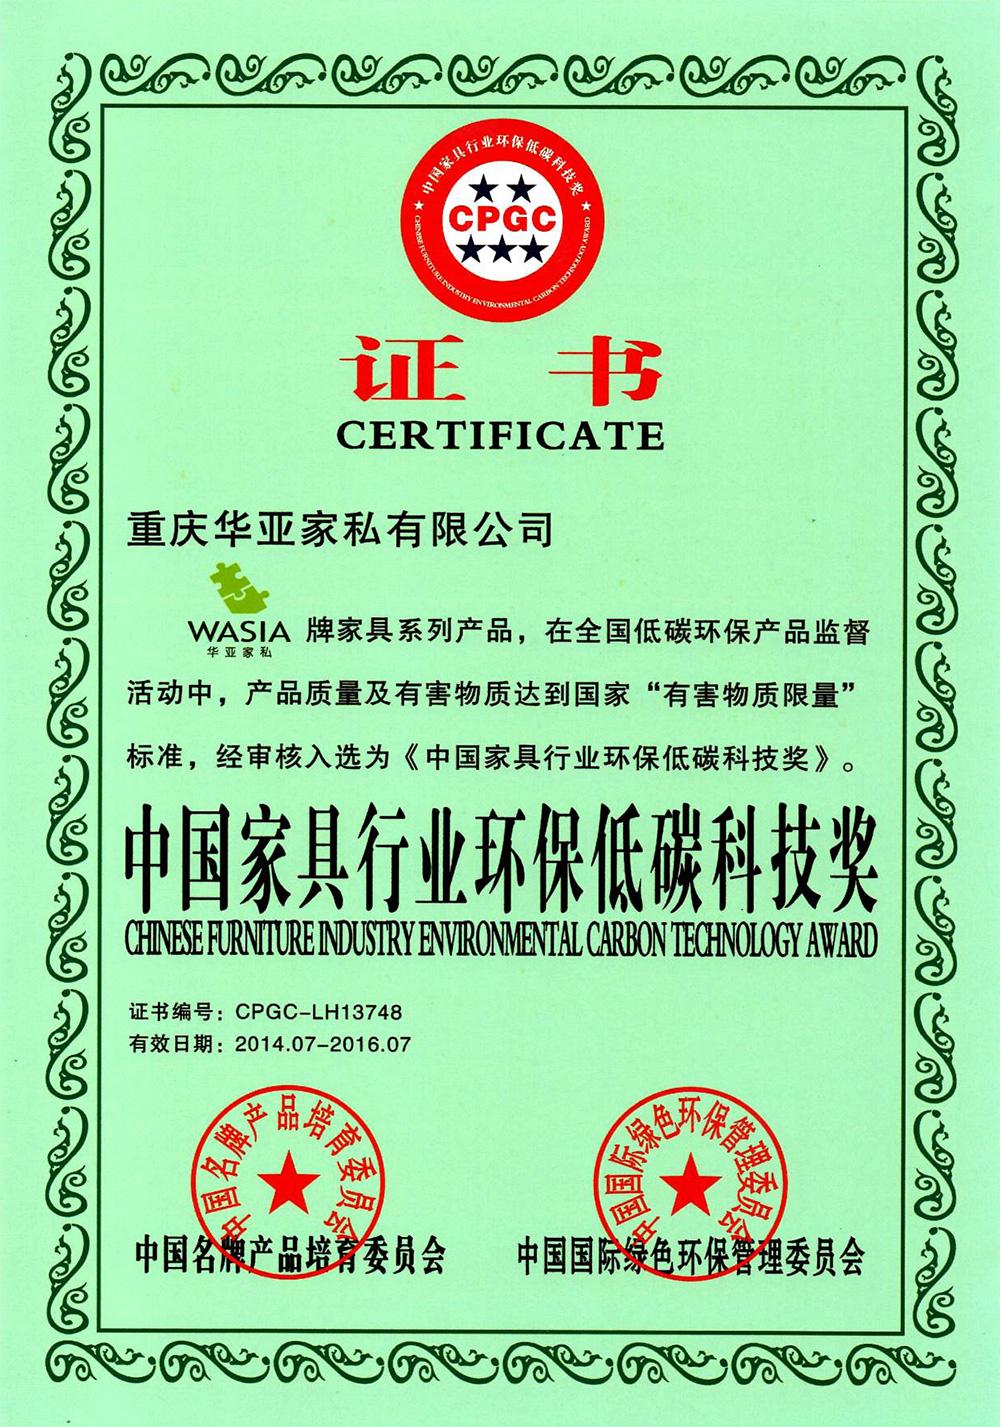 中國家具行業環保低碳科技獎